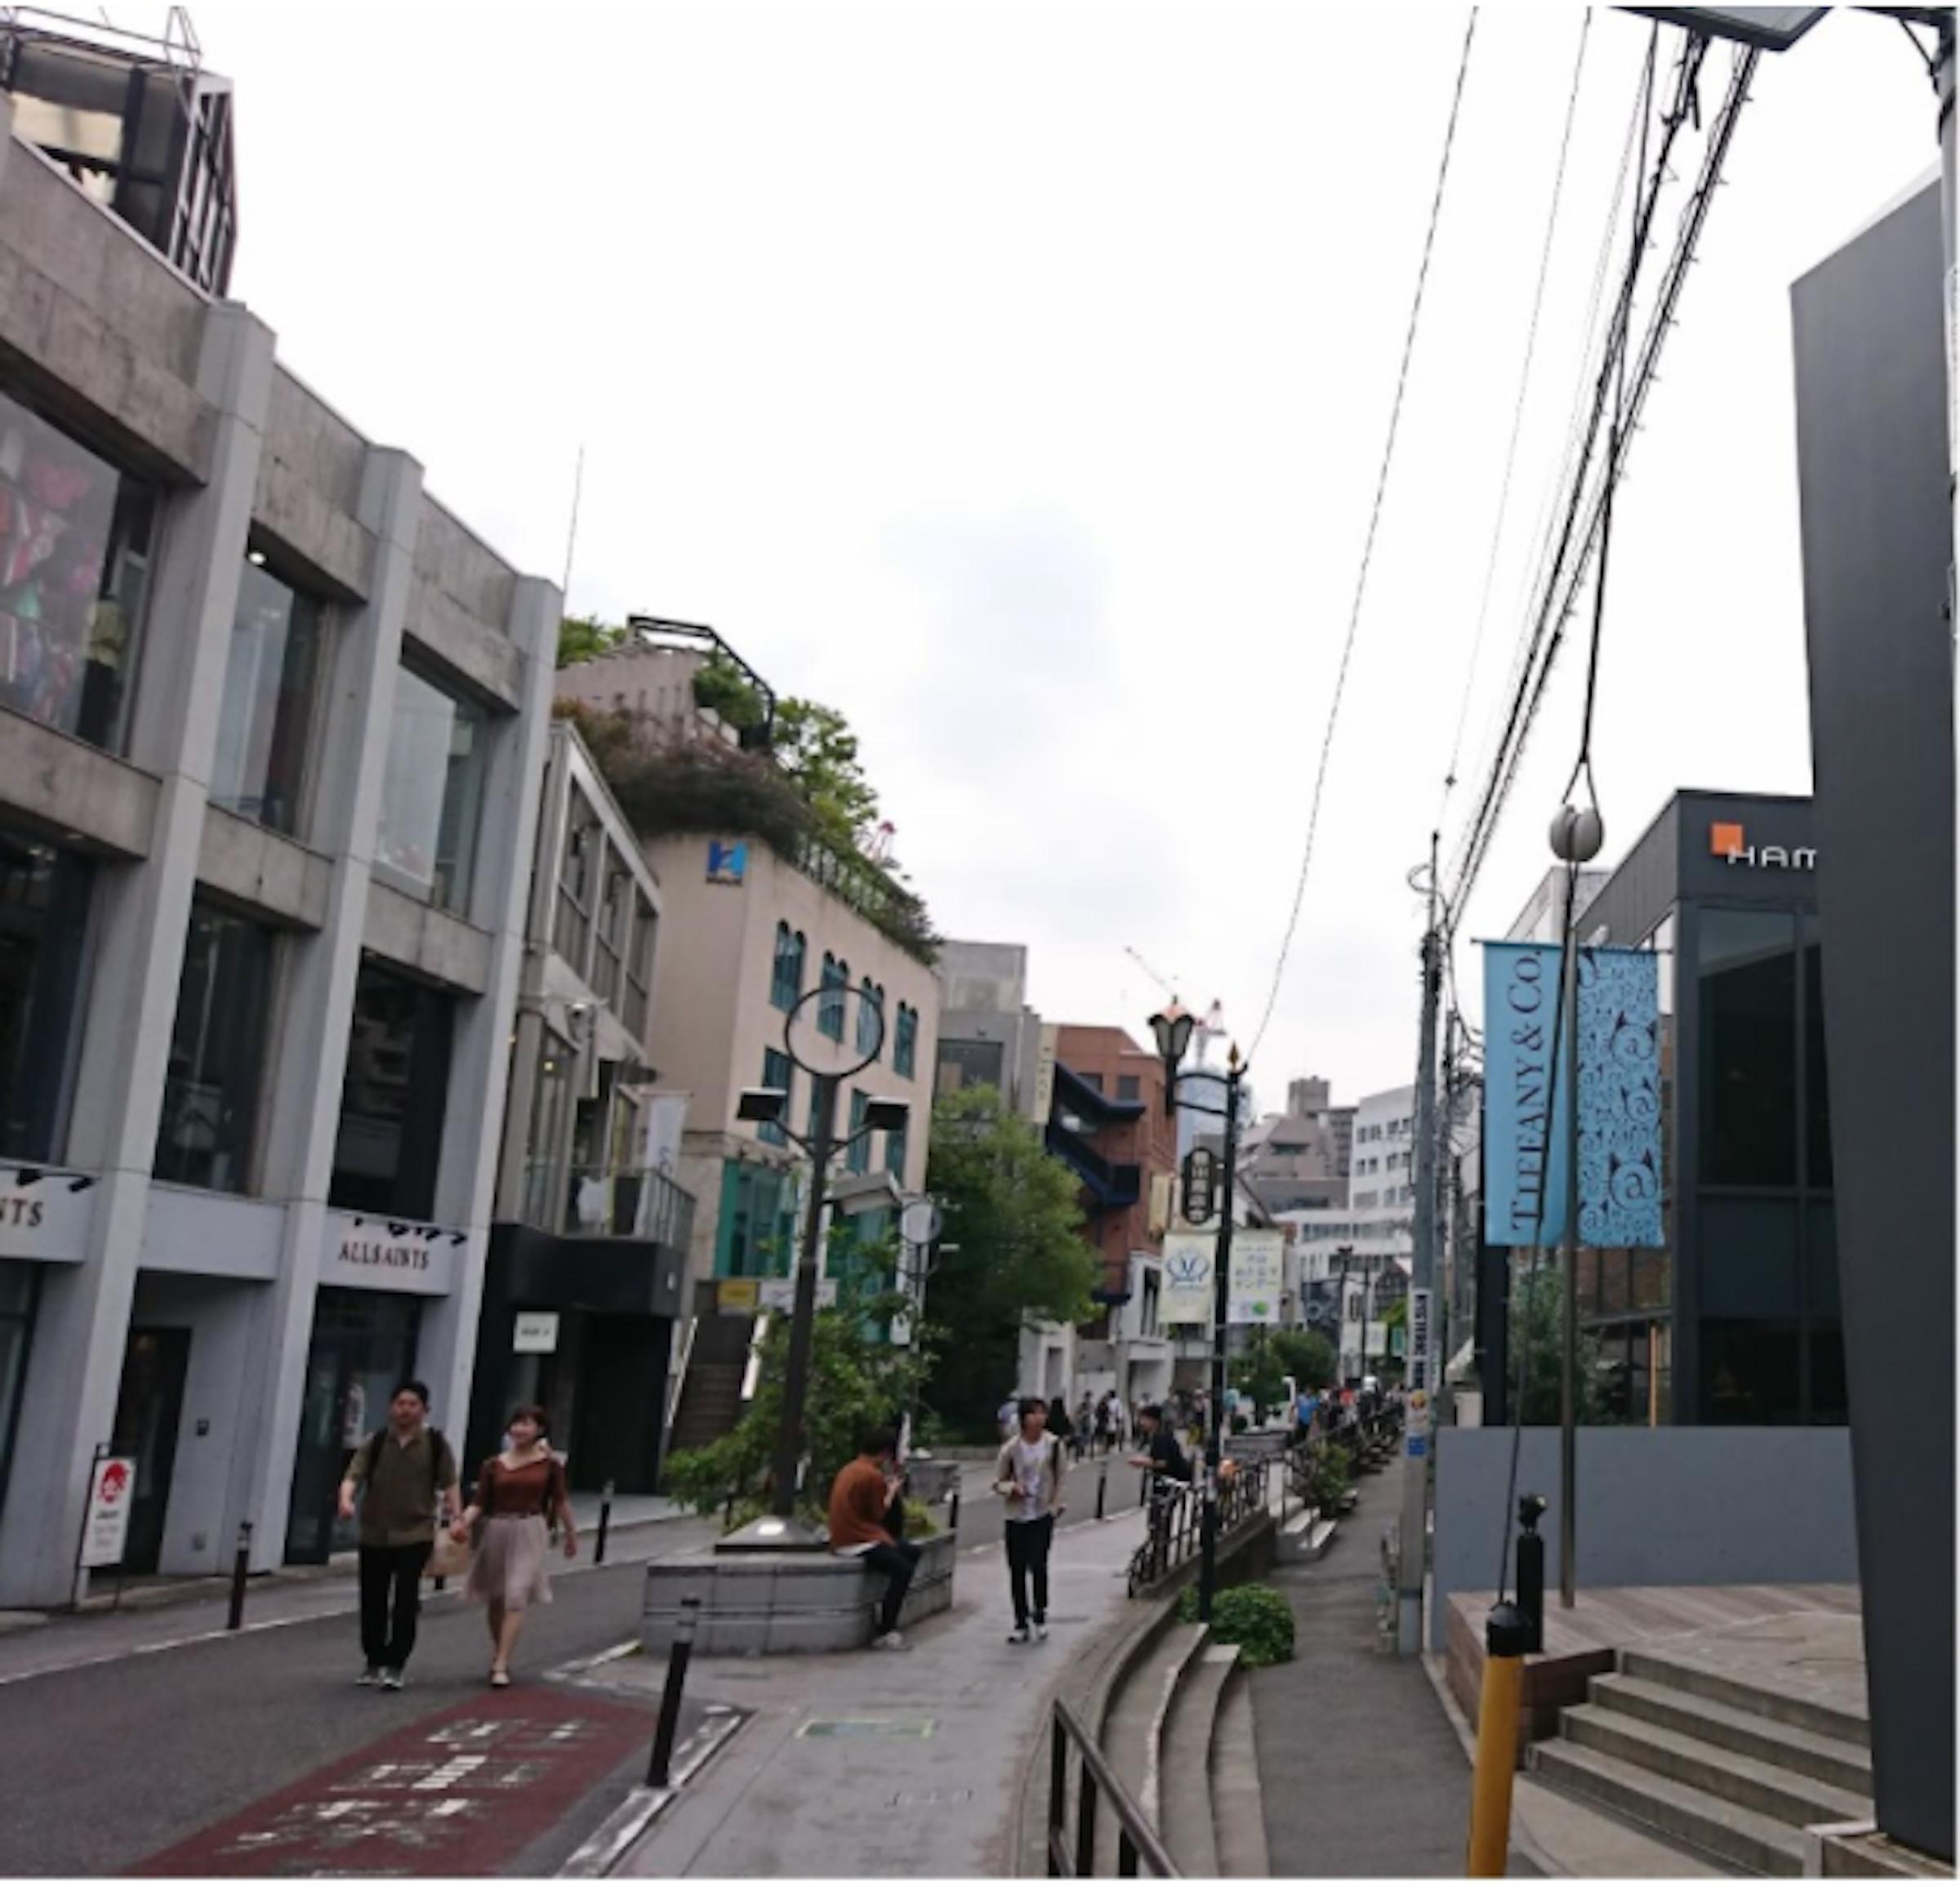 画像: 東京都渋谷区神宮前6丁目の「キャットストリート」(2017年秋に筆者が撮影)